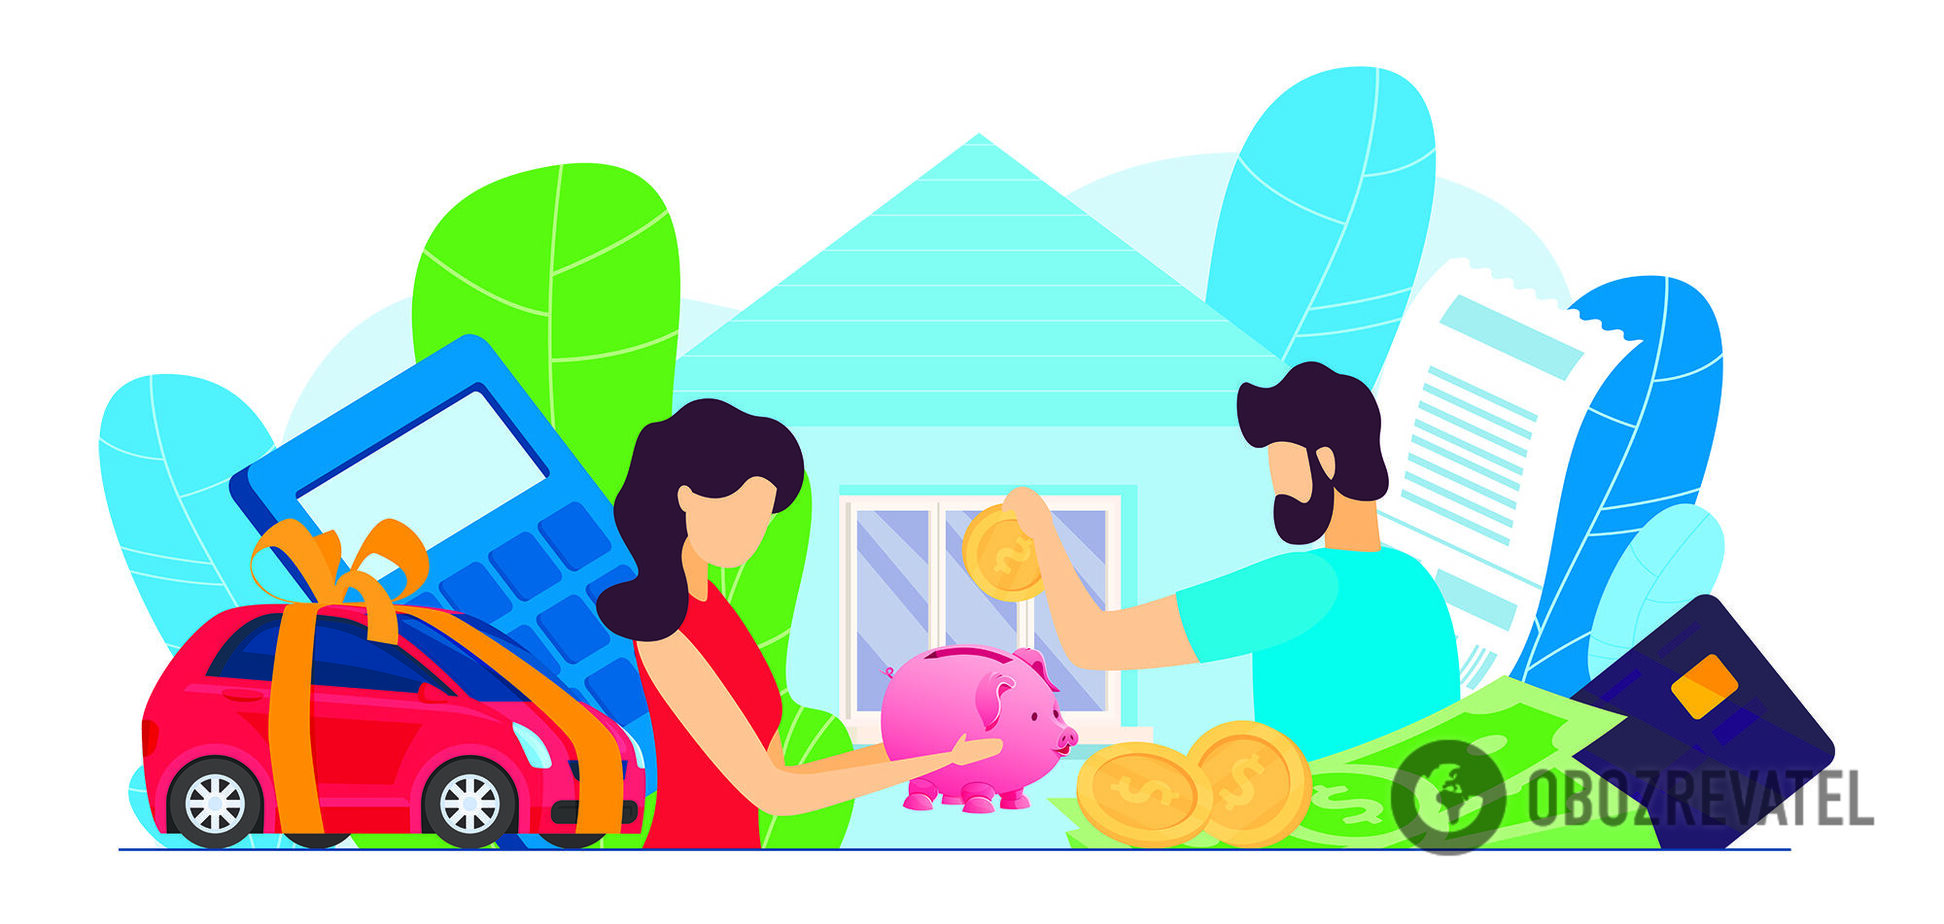 Школа фінансової грамотності: правила розумного поводження з грошима